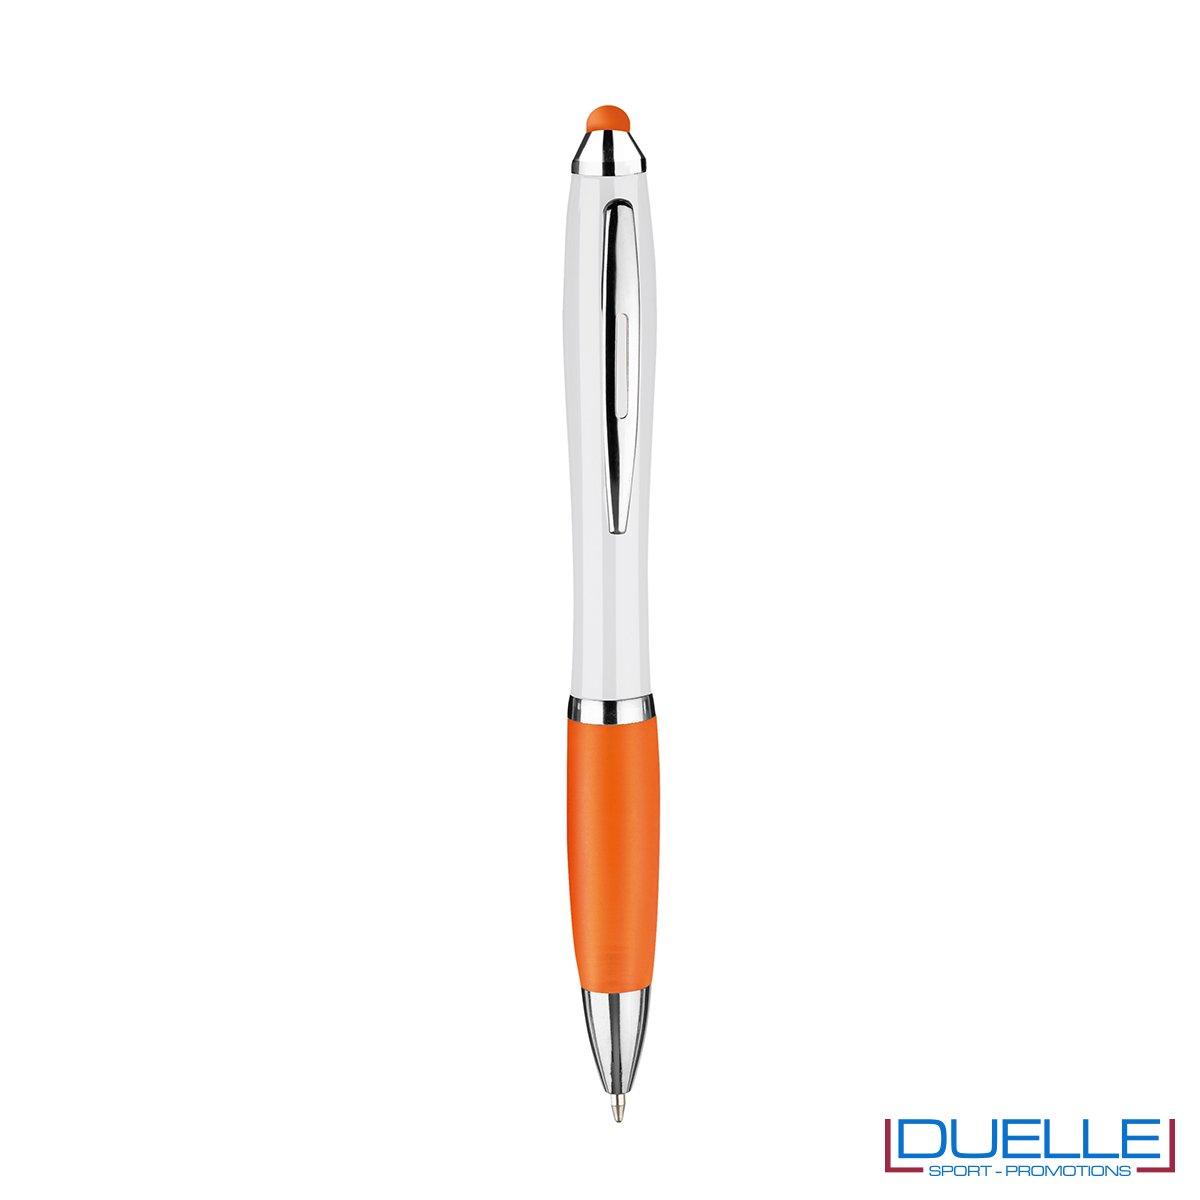 penna touch screen personalizzata in plastica arancione, gadget aziendali personalizzati